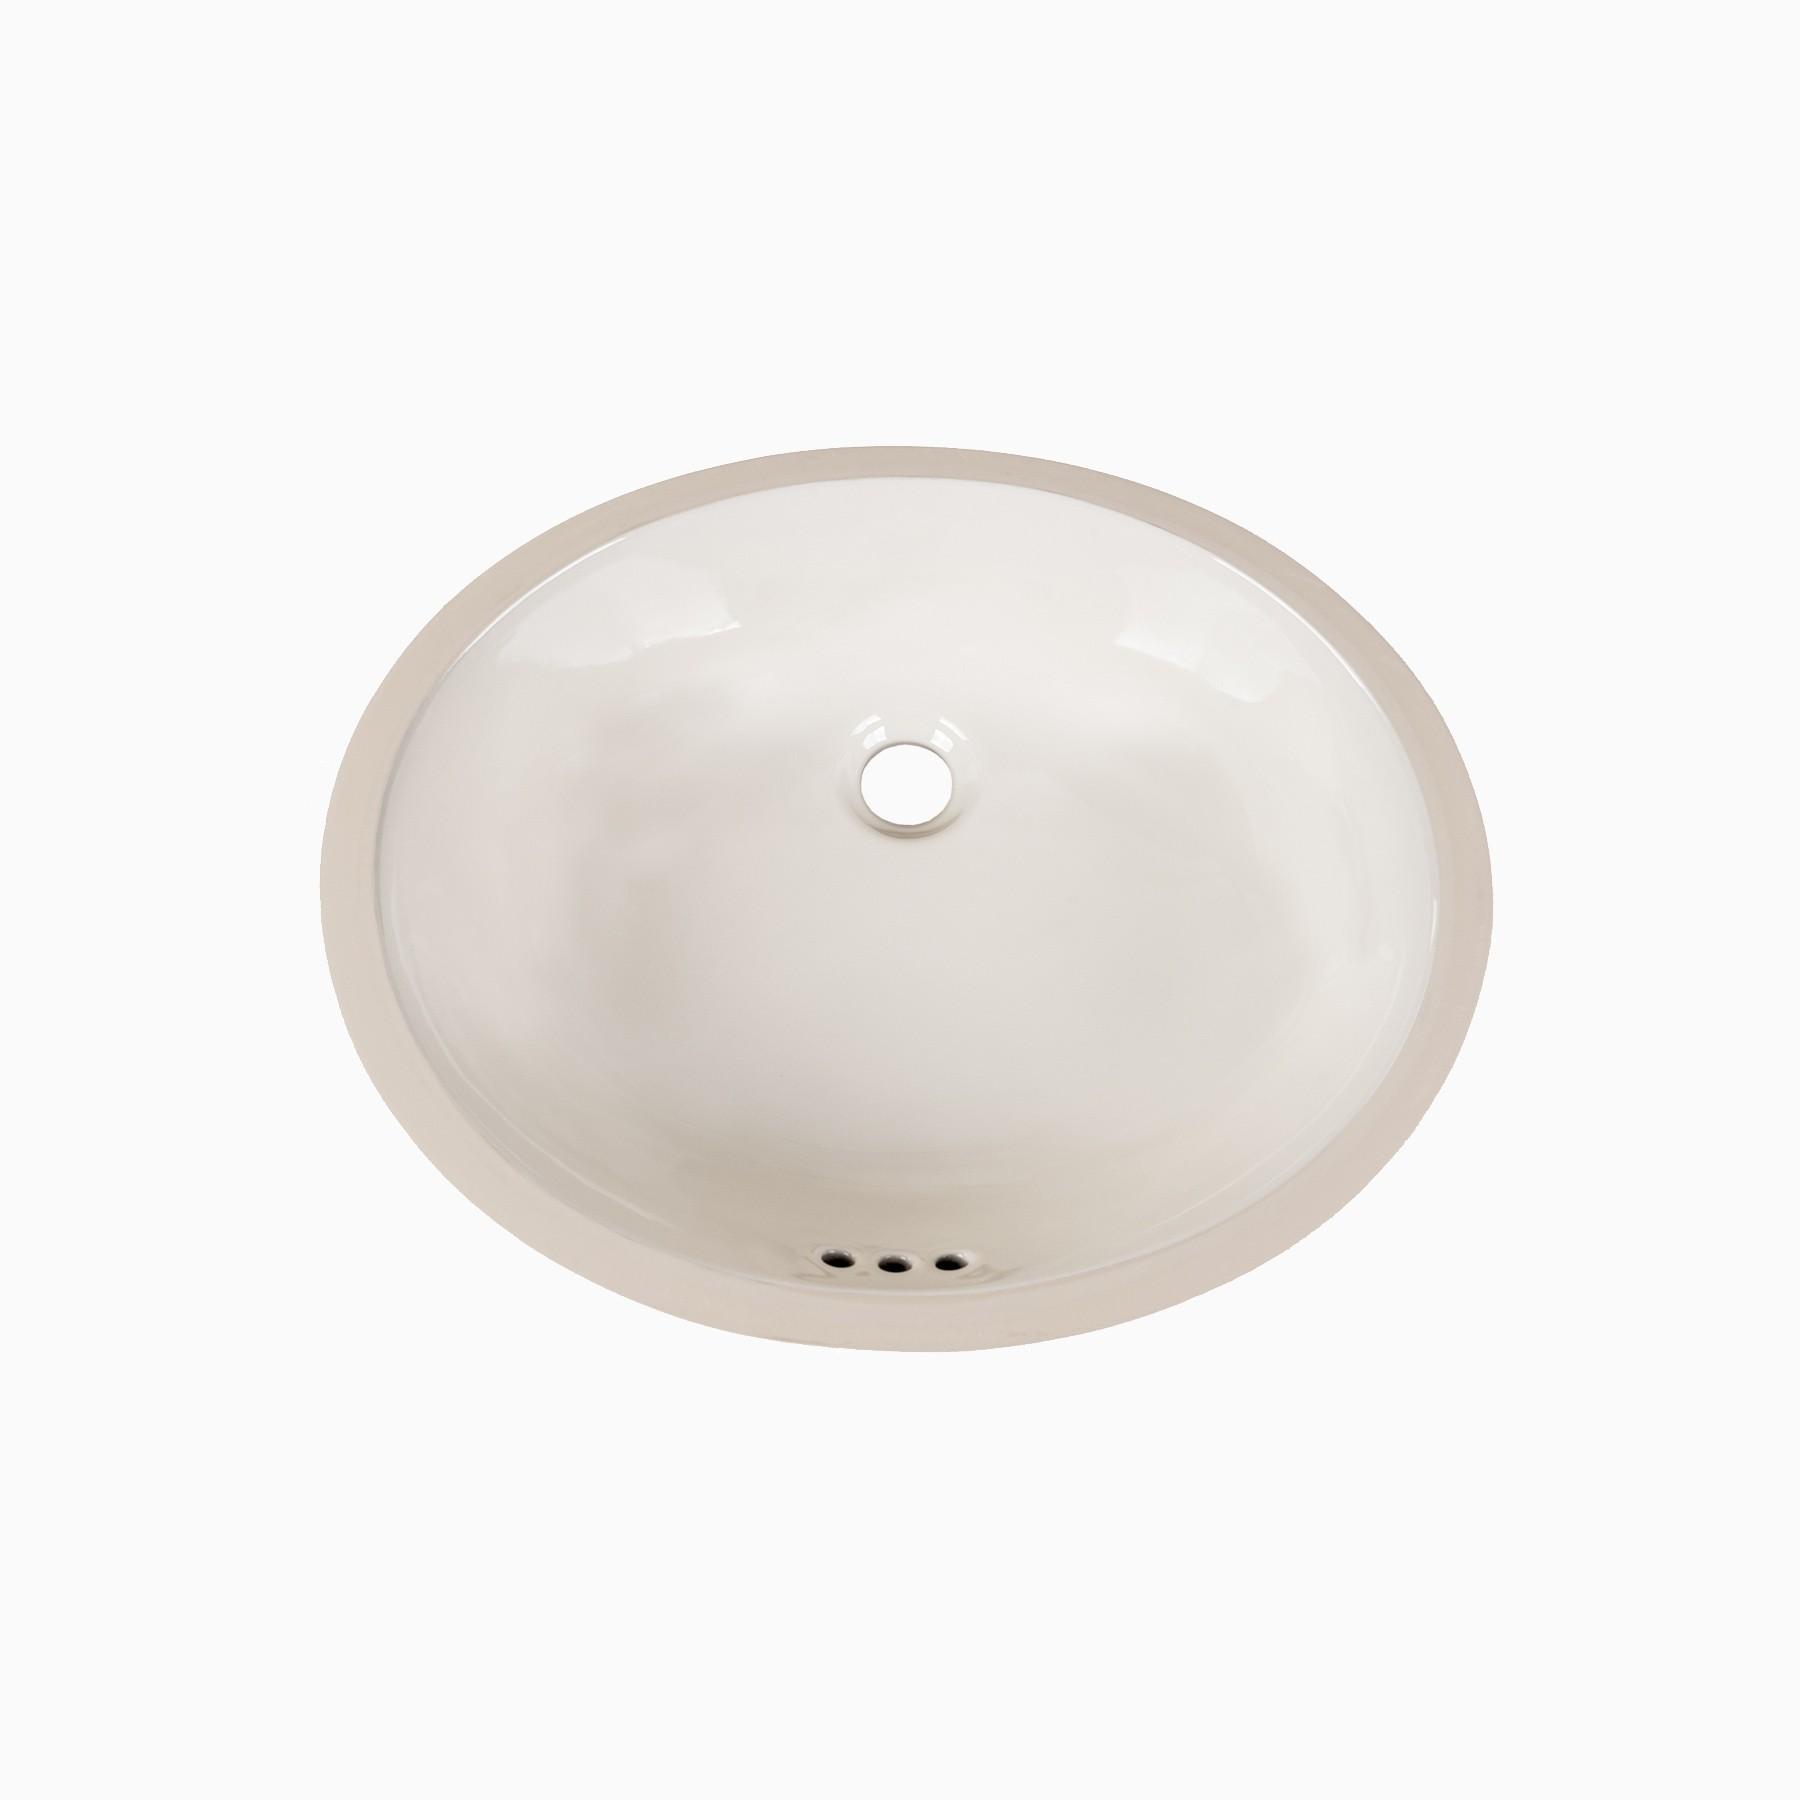 Landon Biscuit Ceramic Single Sink Undermount Bathroom Sink, No ...